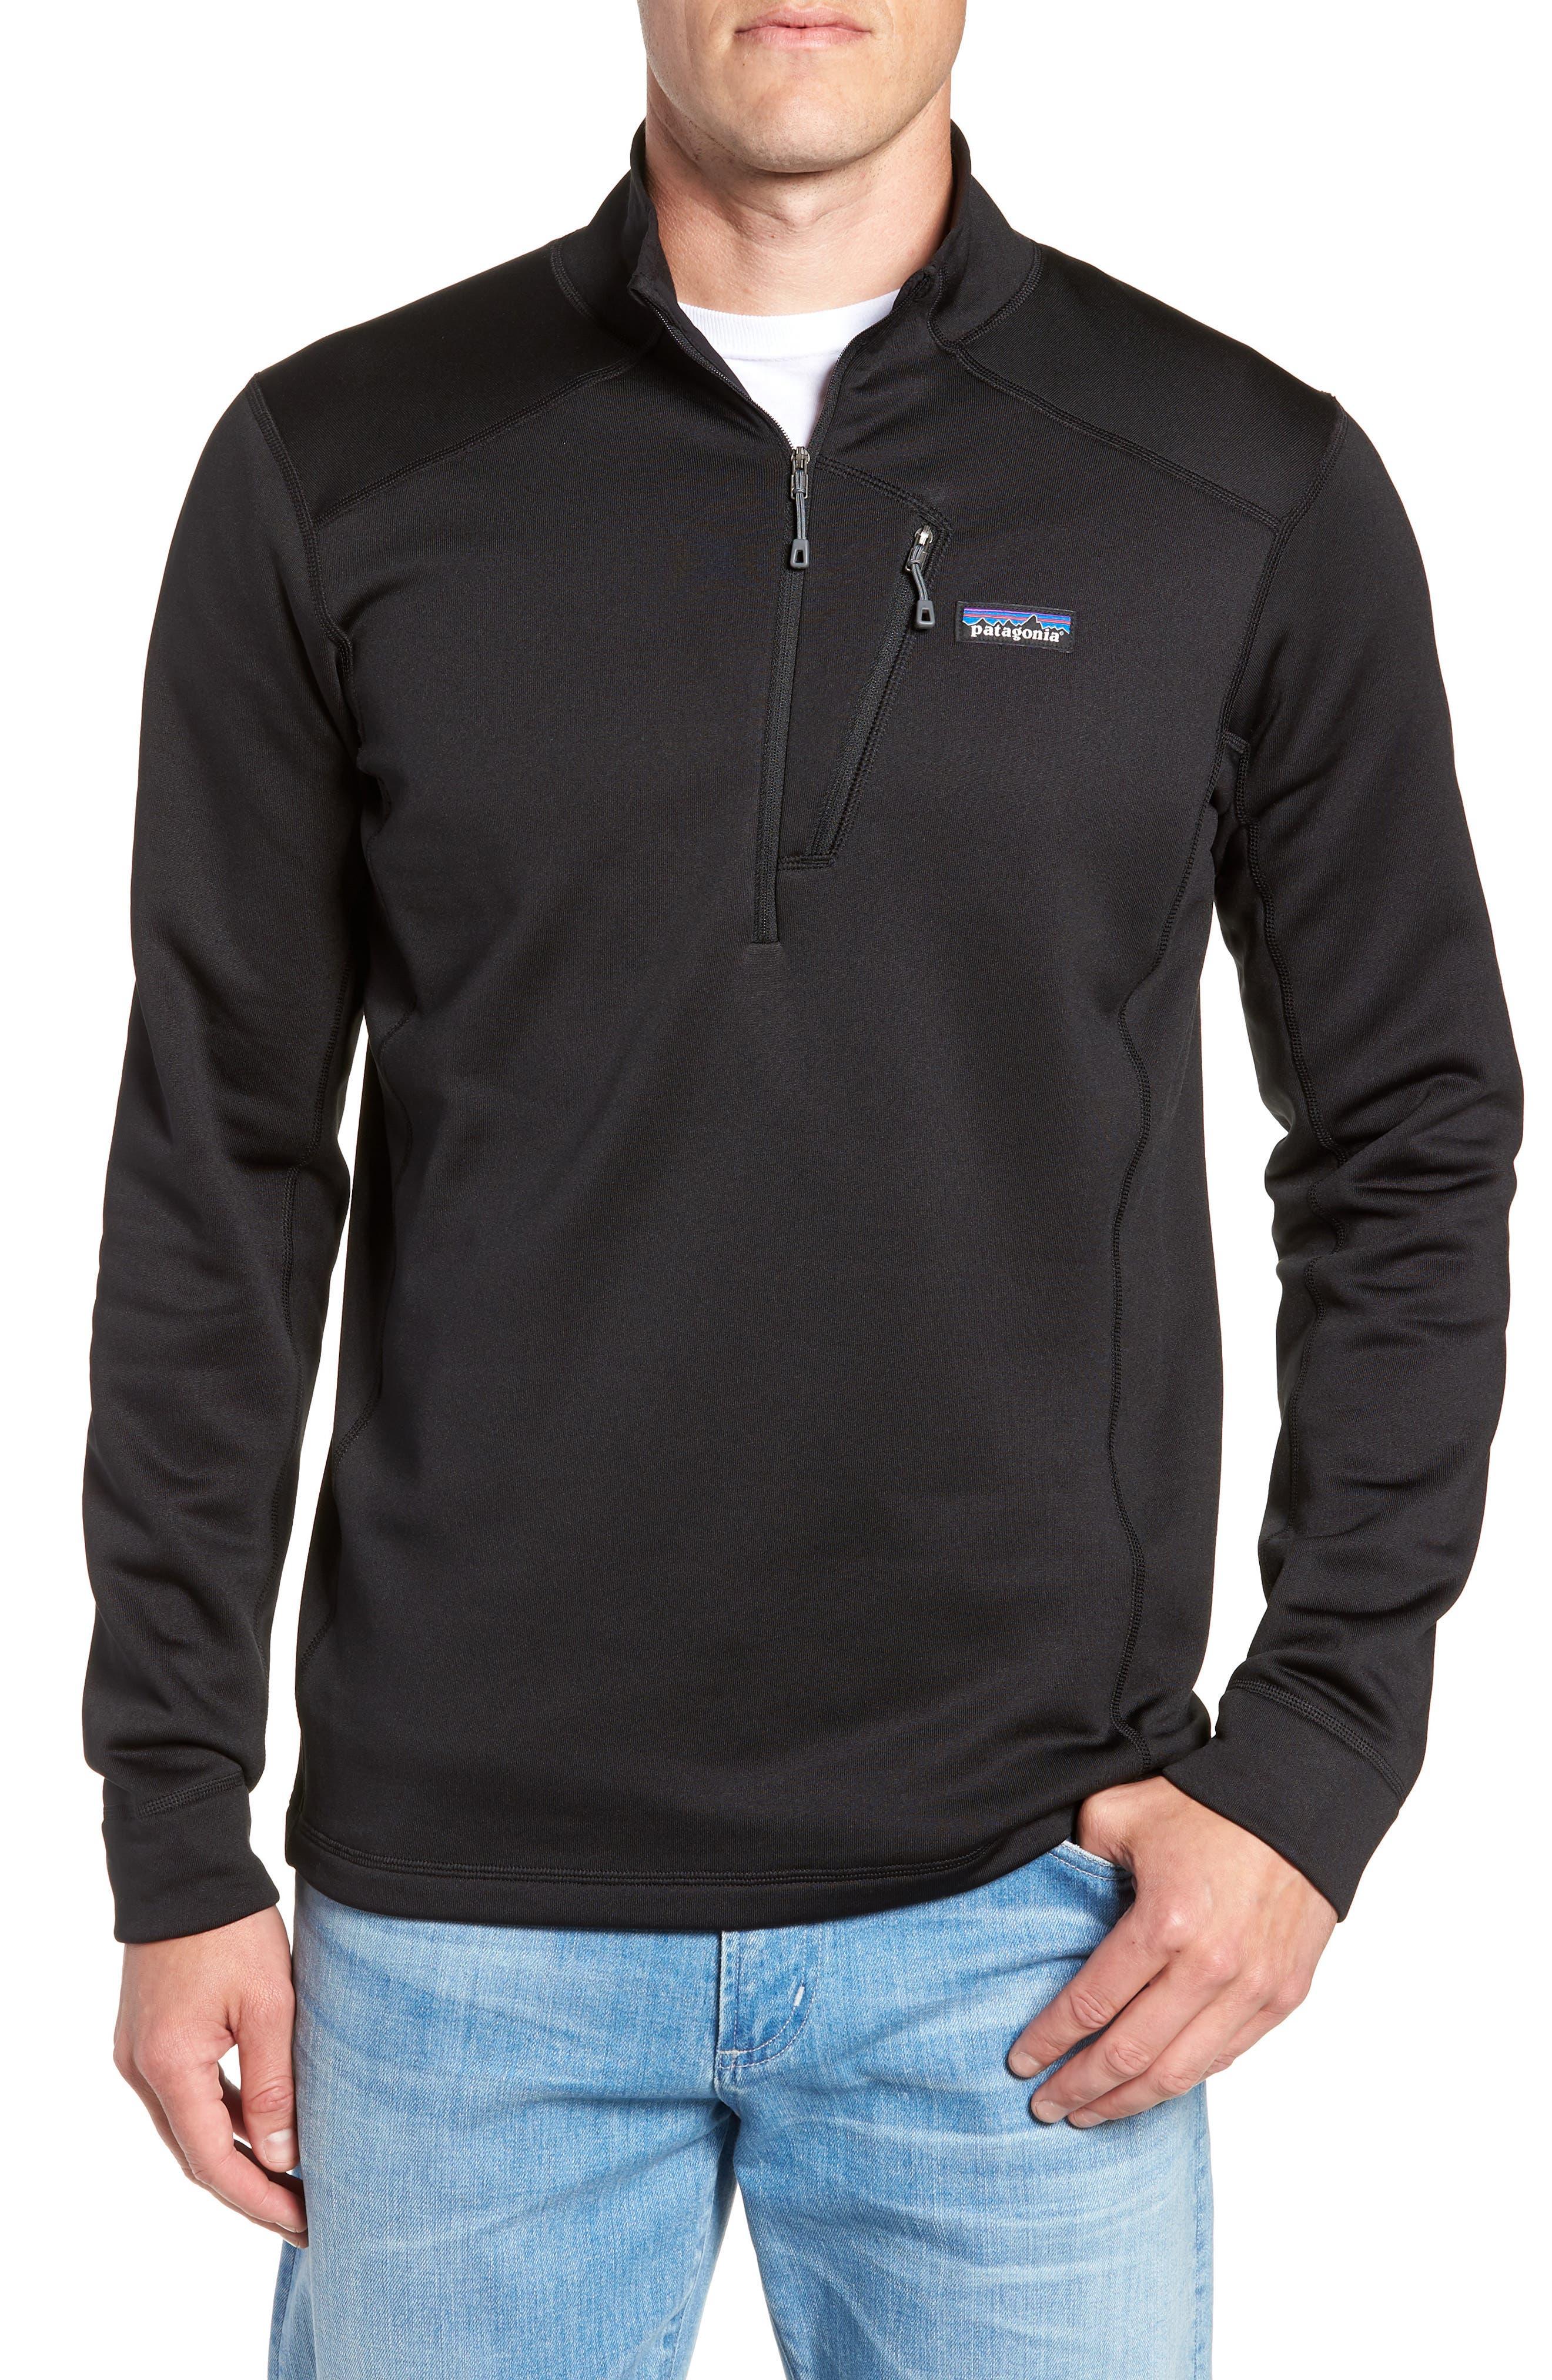 Crosstrek Quarter Zip Fleece Pullover,                         Main,                         color, 001